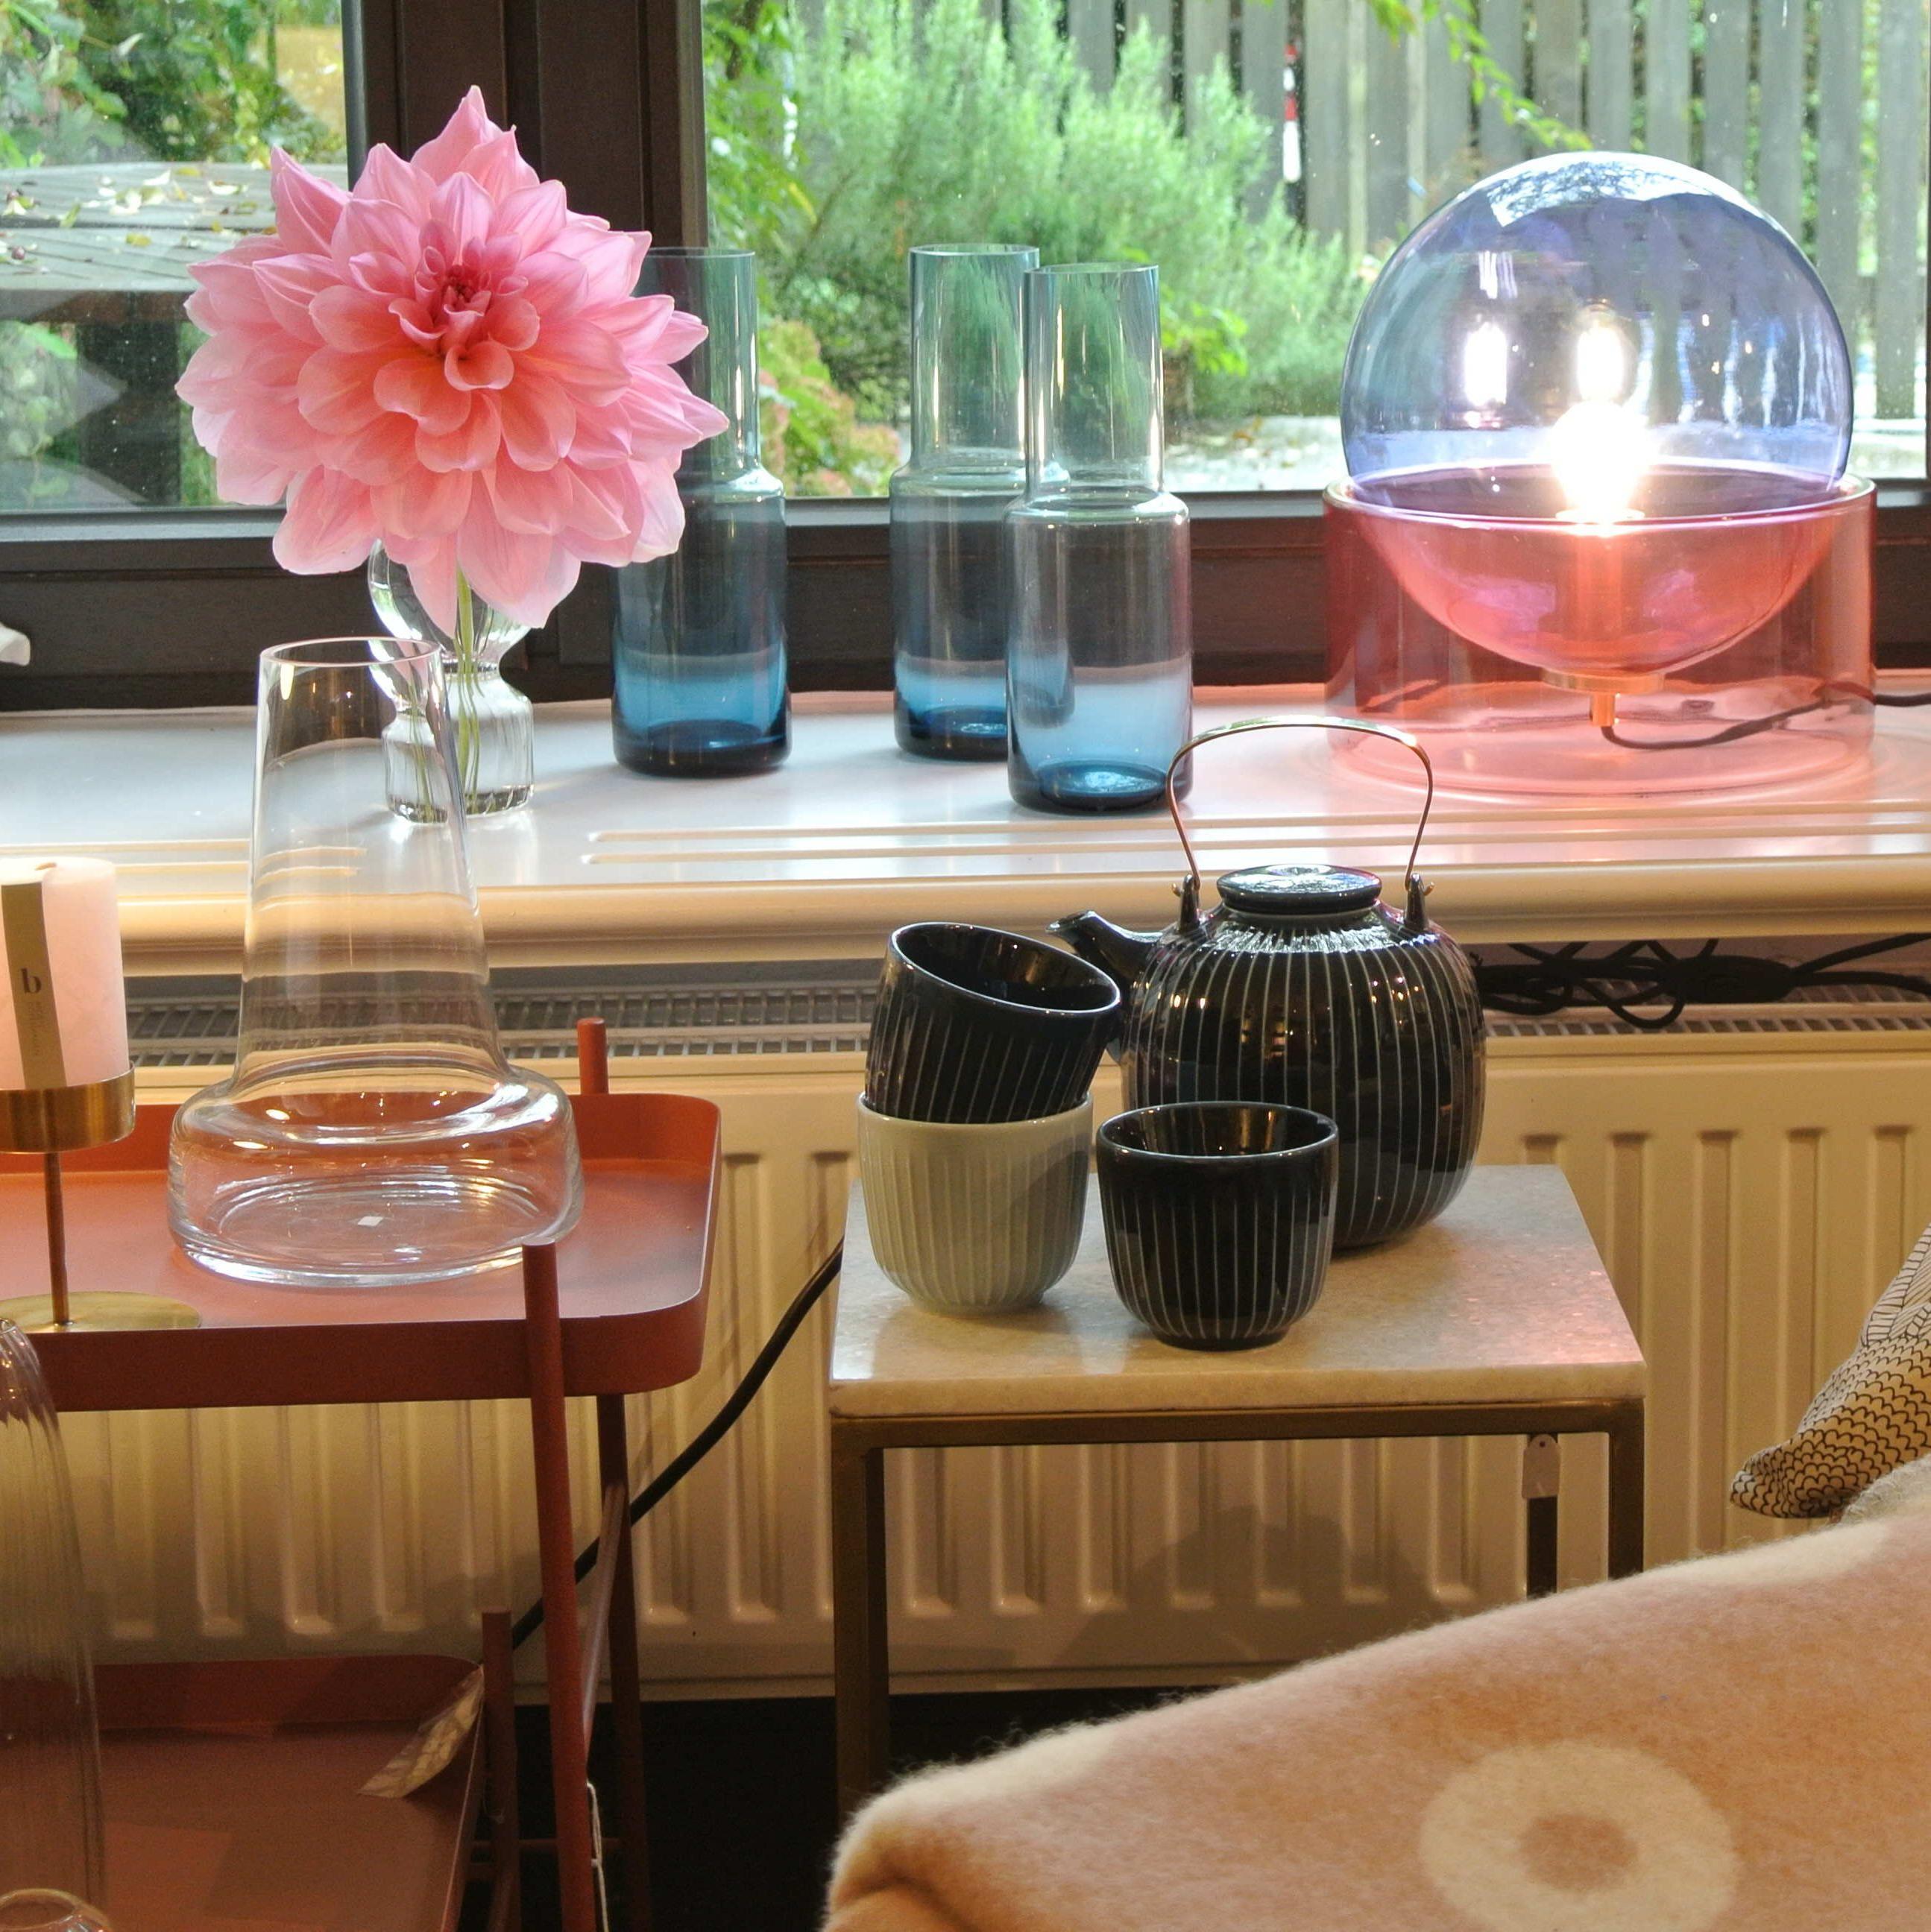 Ein Einrichtungsbeispiel für eine Kuschelecke mit weichen Decken und dekorativen Kissen